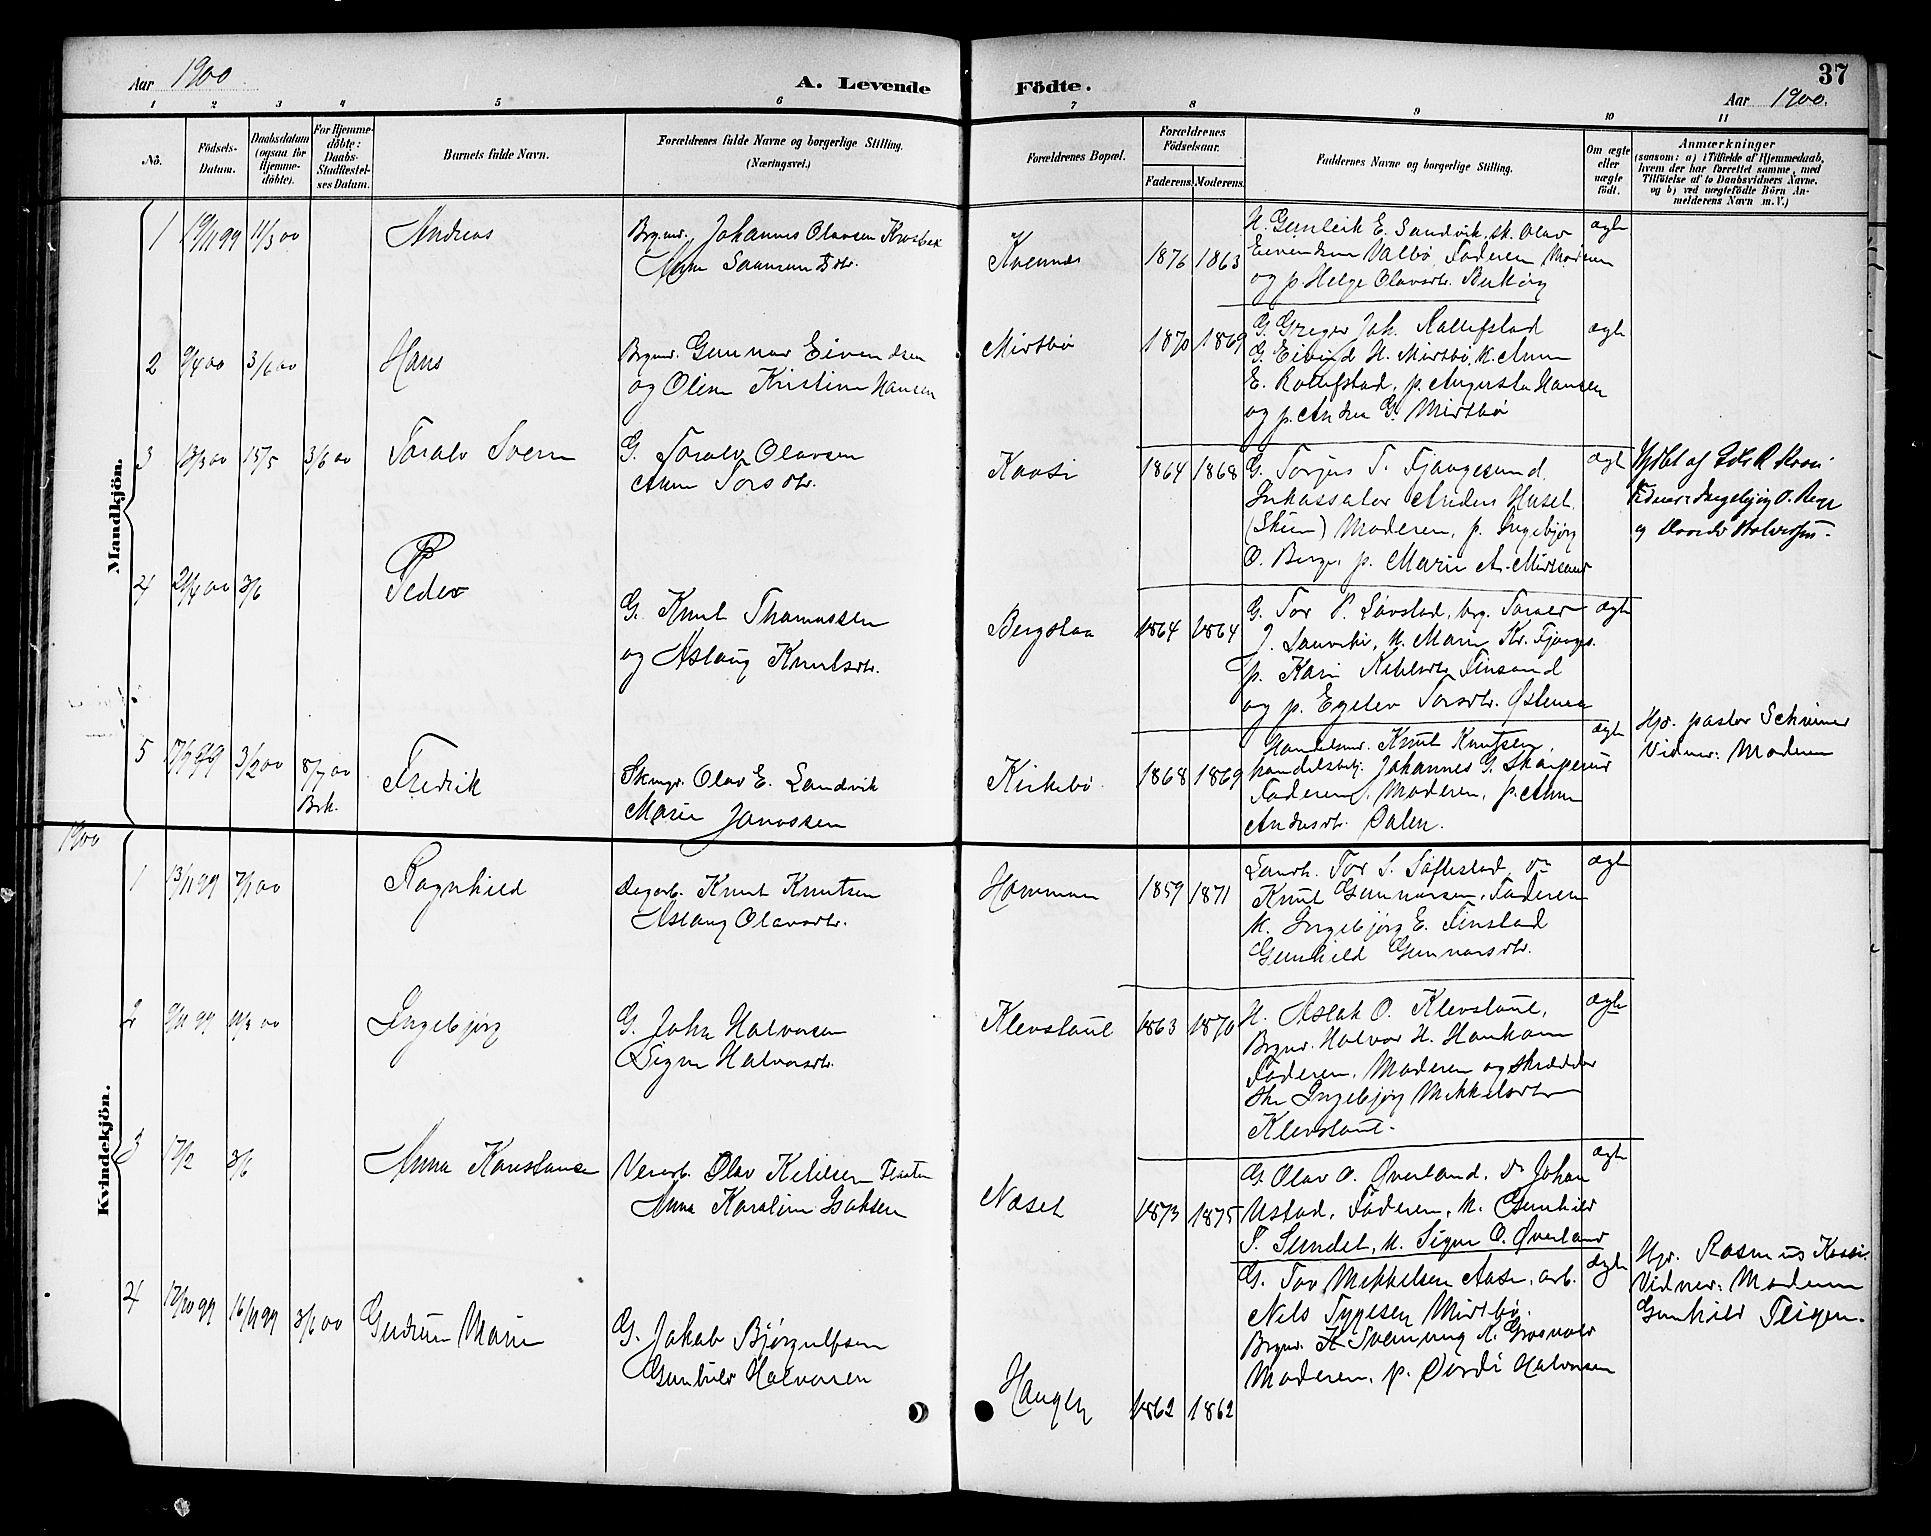 SAKO, Kviteseid kirkebøker, G/Ga/L0002: Klokkerbok nr. I 2, 1893-1918, s. 37